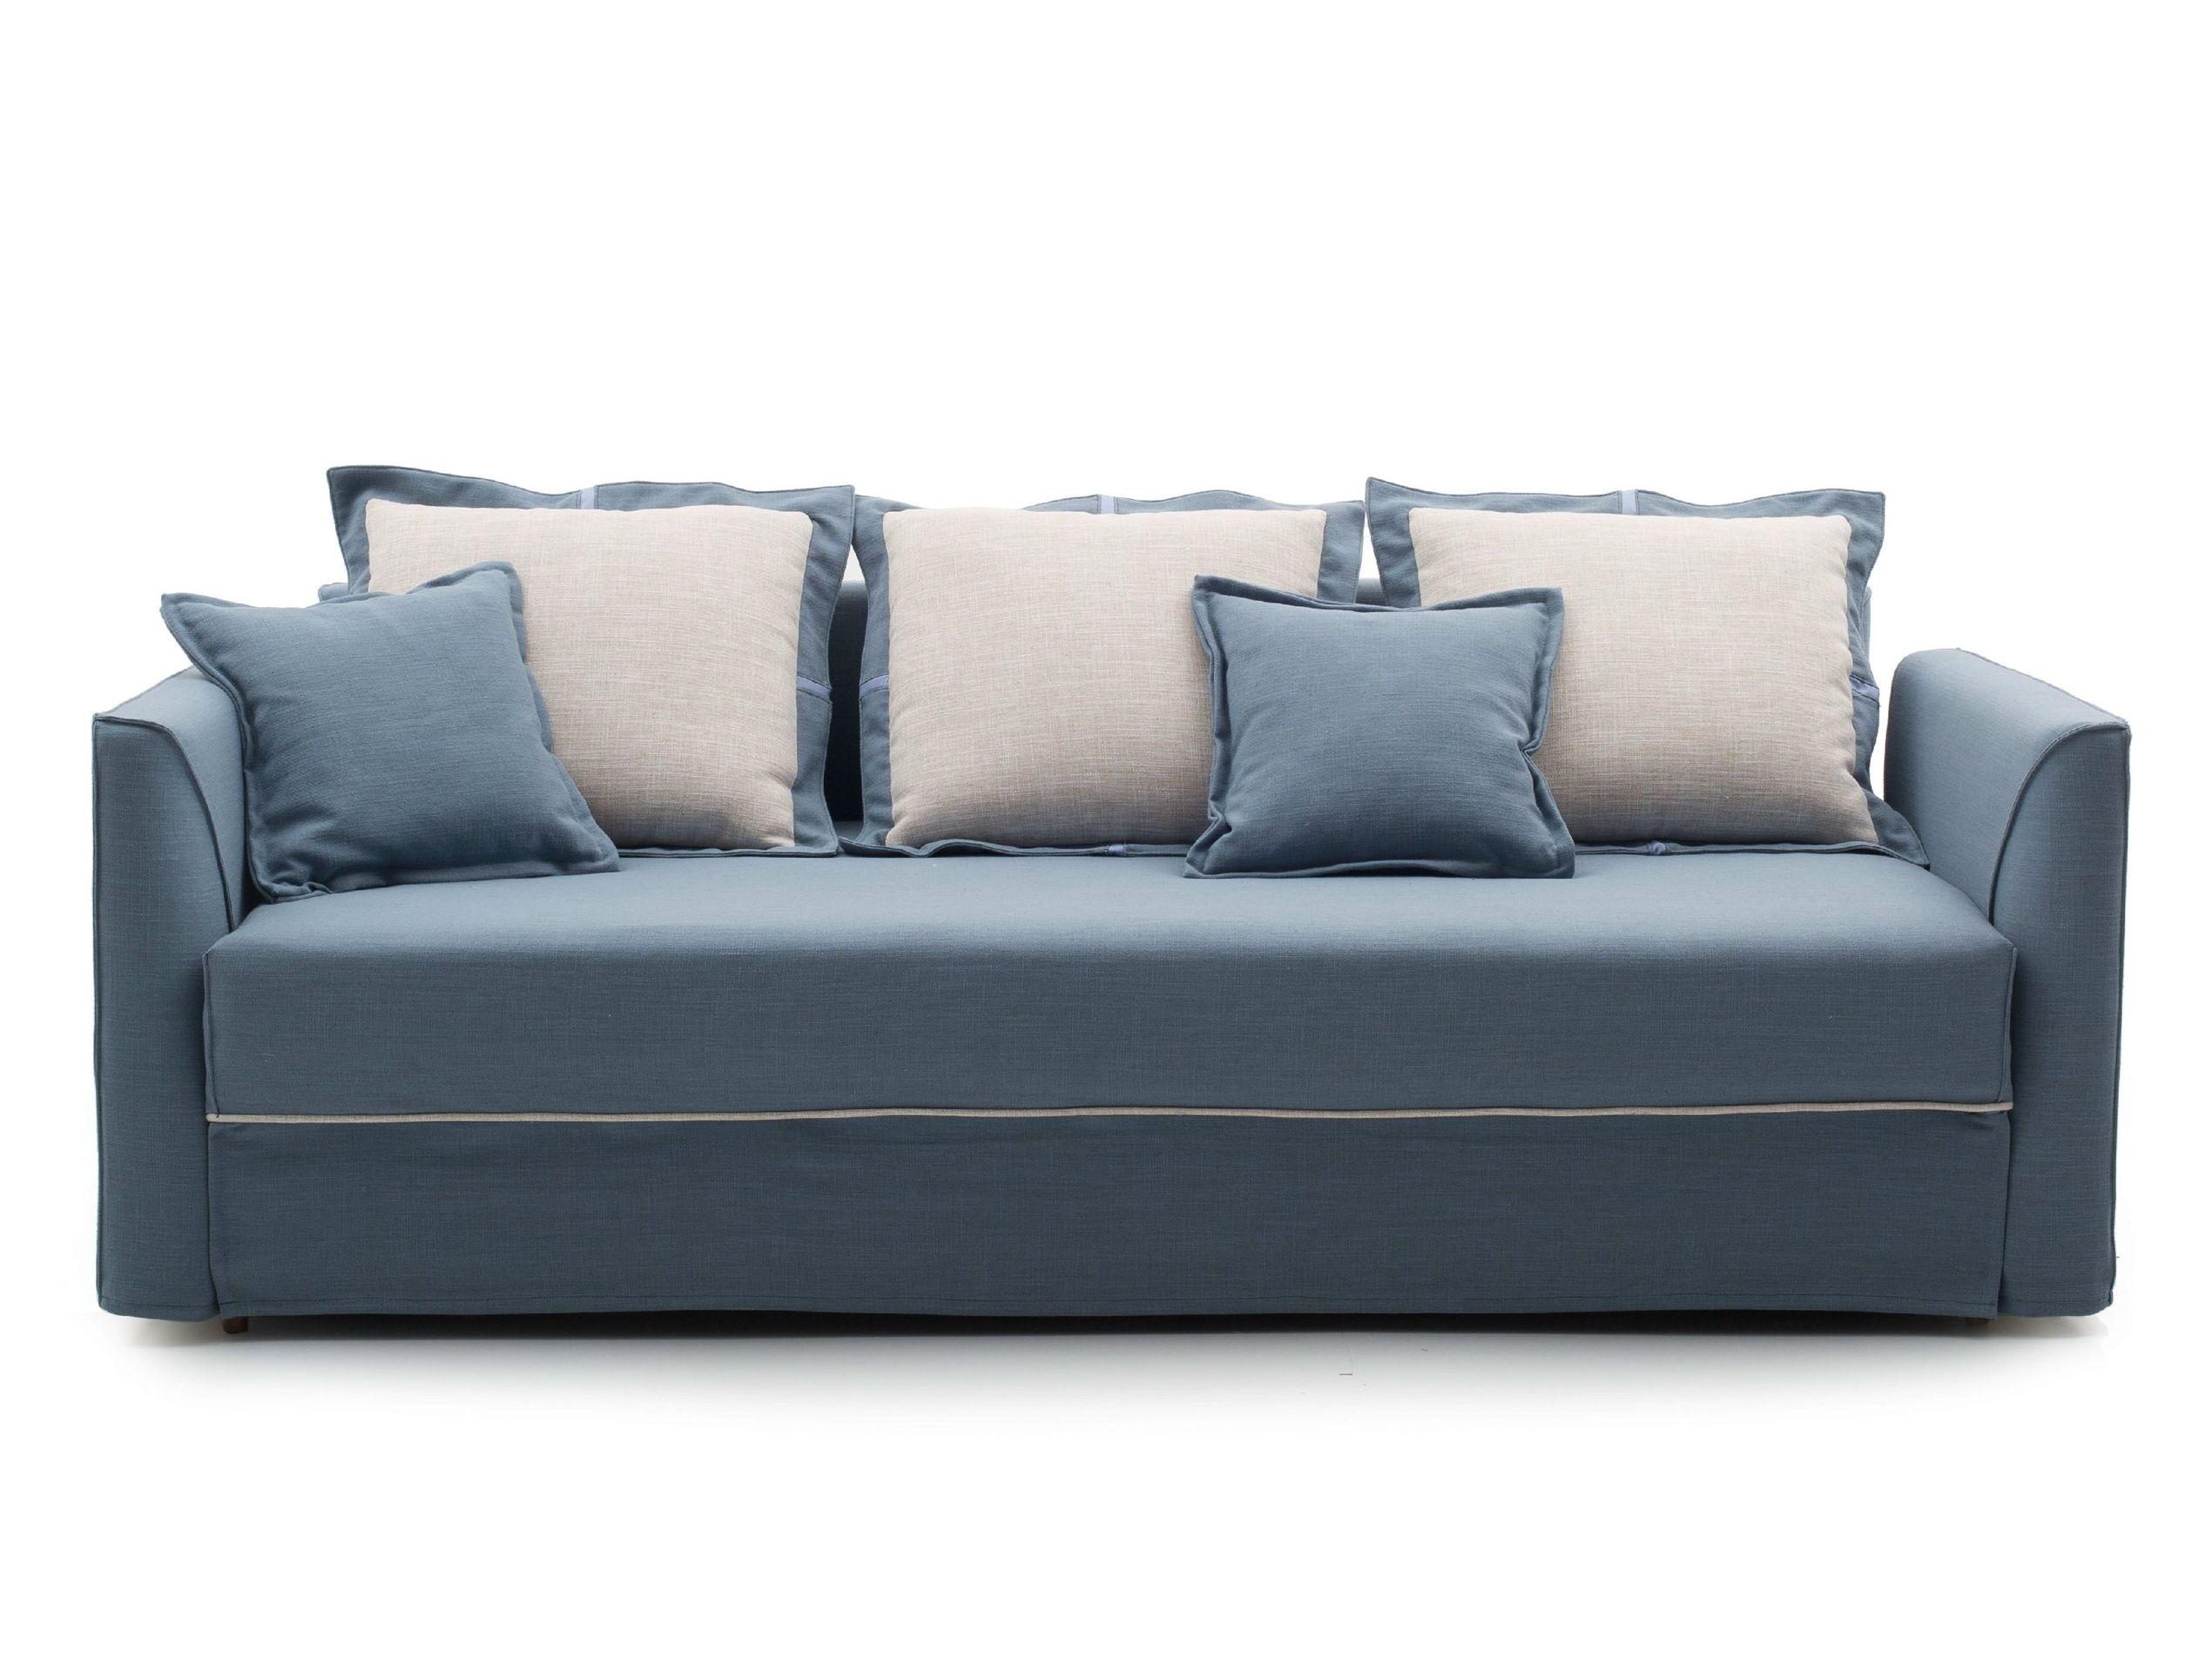 Divano letto twin design casa creativa e mobili ispiratori - Divano letto studio ...